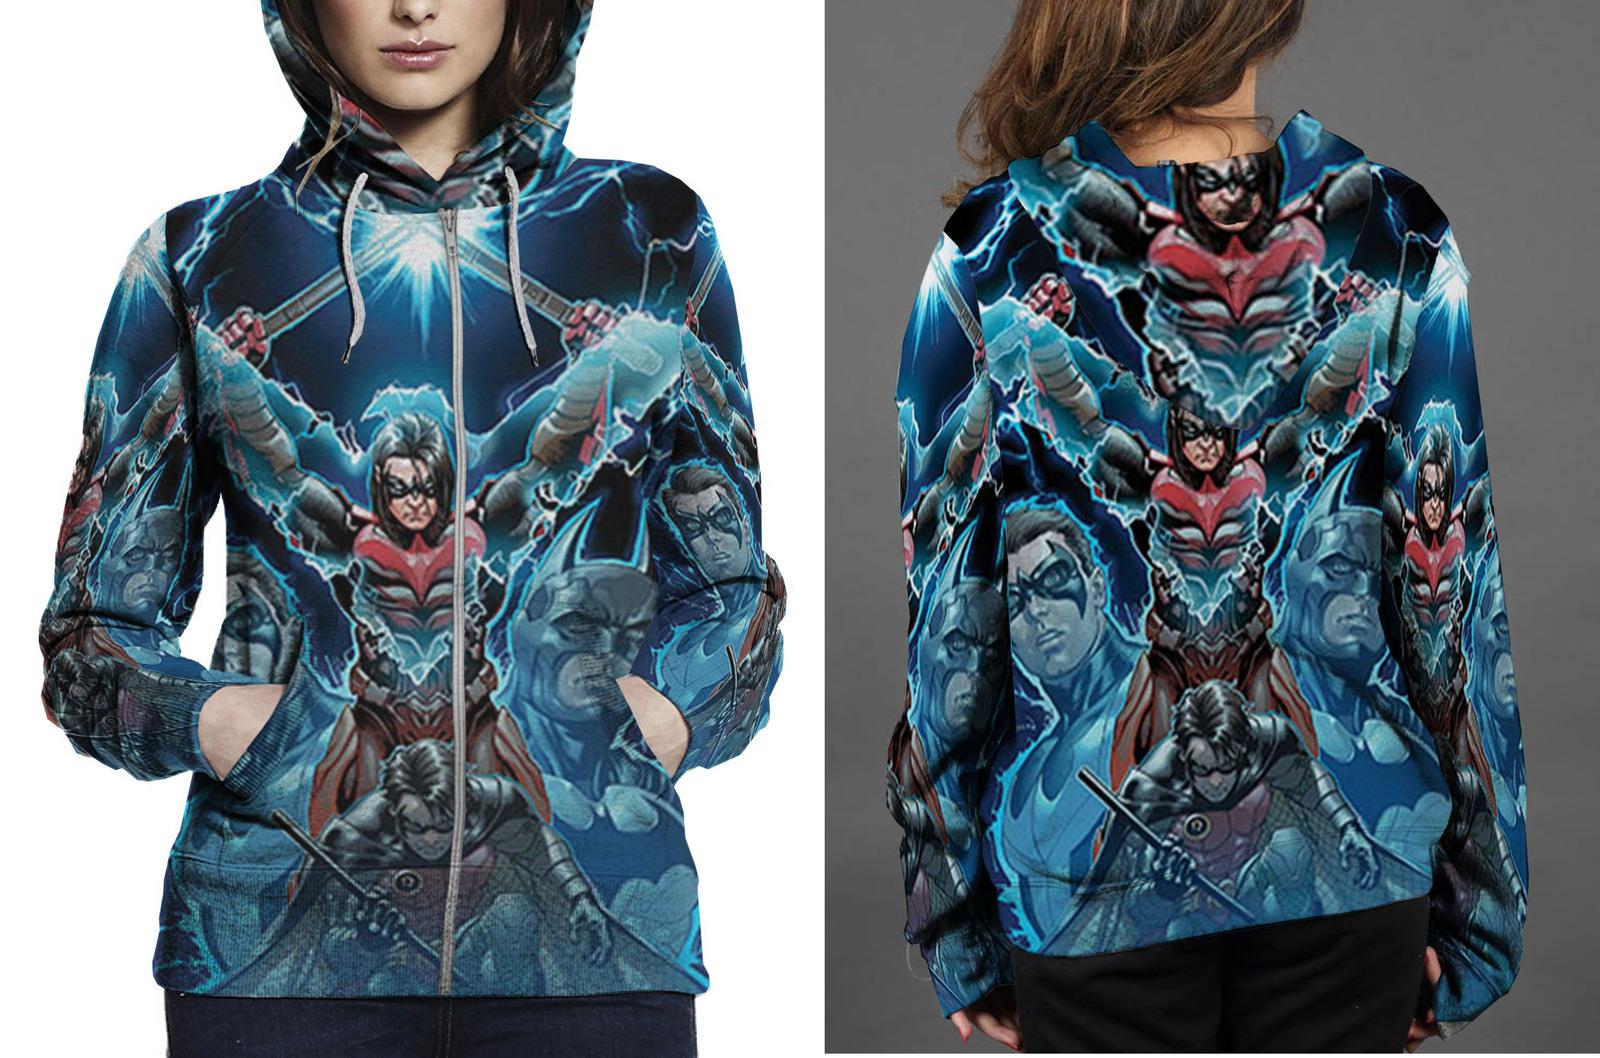 Injustice gods among zipper hoodie women s